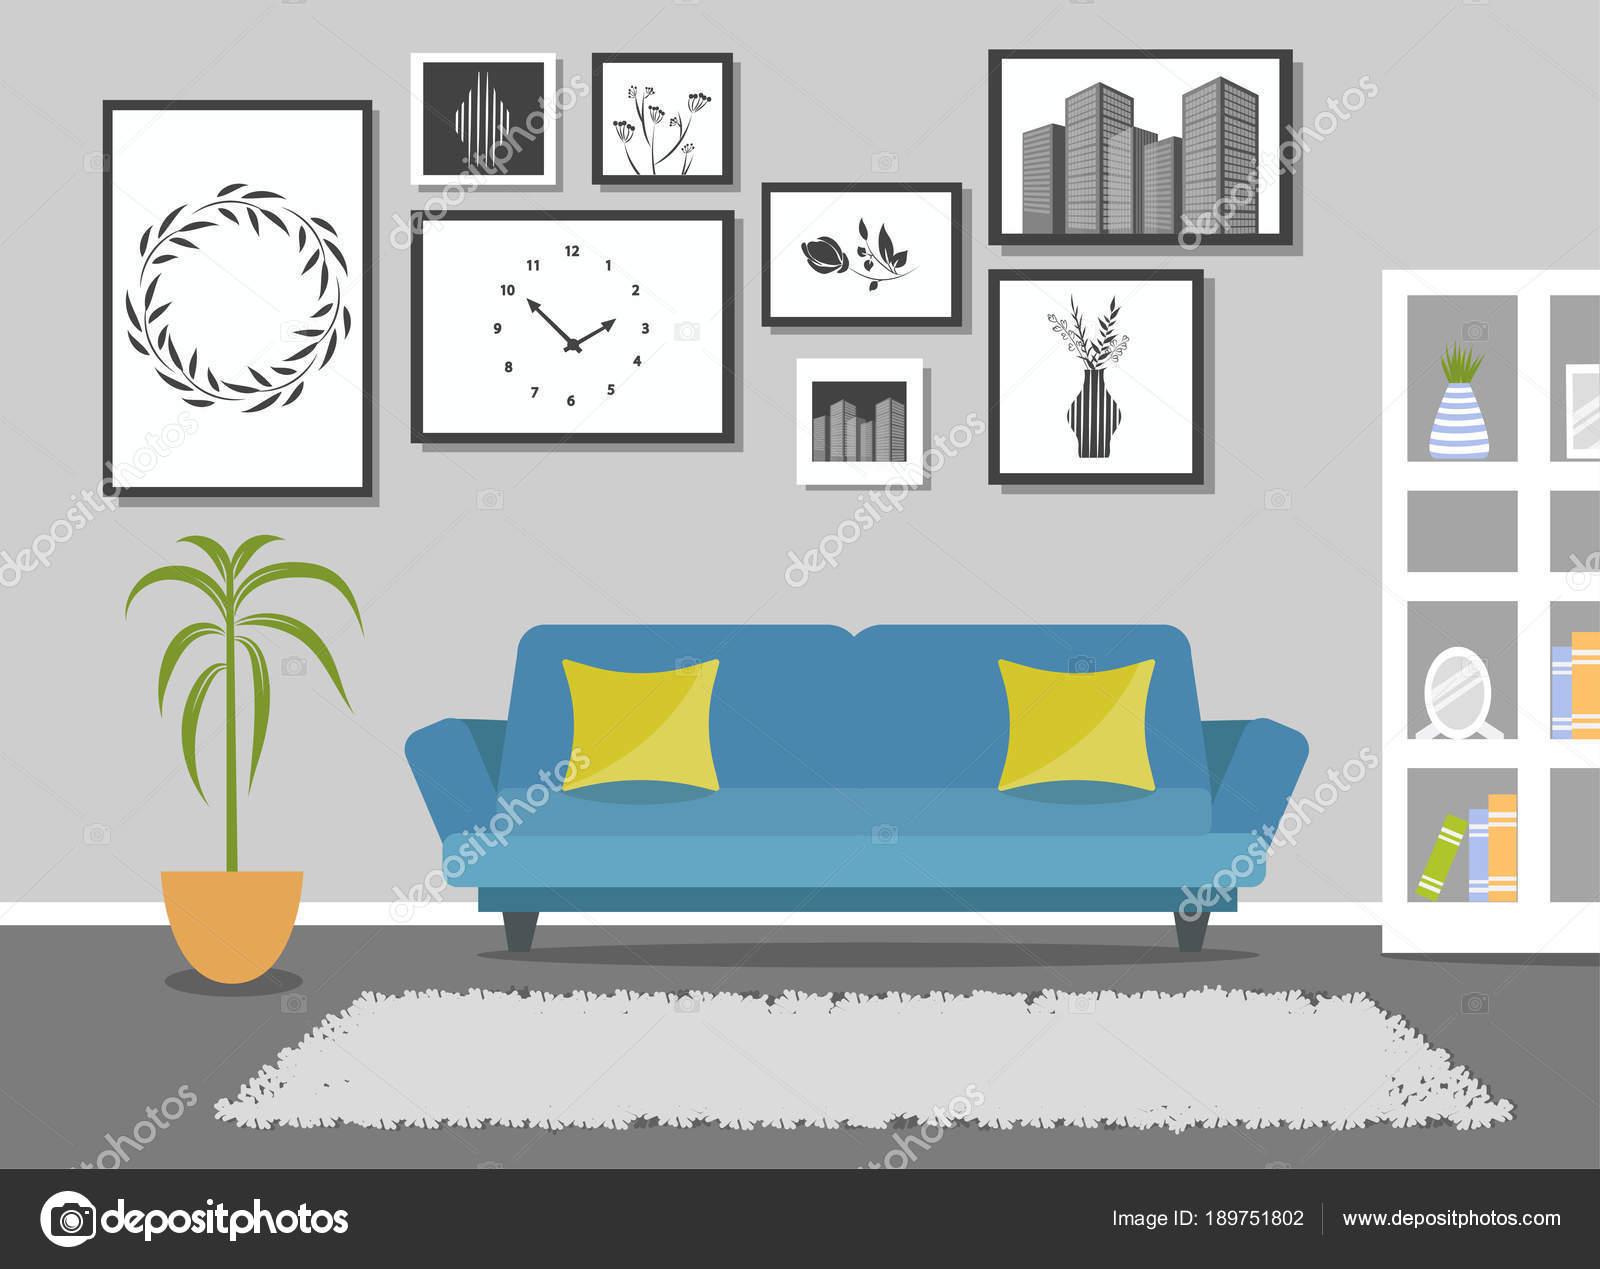 Modernes Design Wohnzimmer Interieur. Gestaltung Der Ein Gemütliches Zimmer  Mit Einem Sofa, Fenster Und Dekor Zubehör U2014 Vektor Von OlenaHalahan